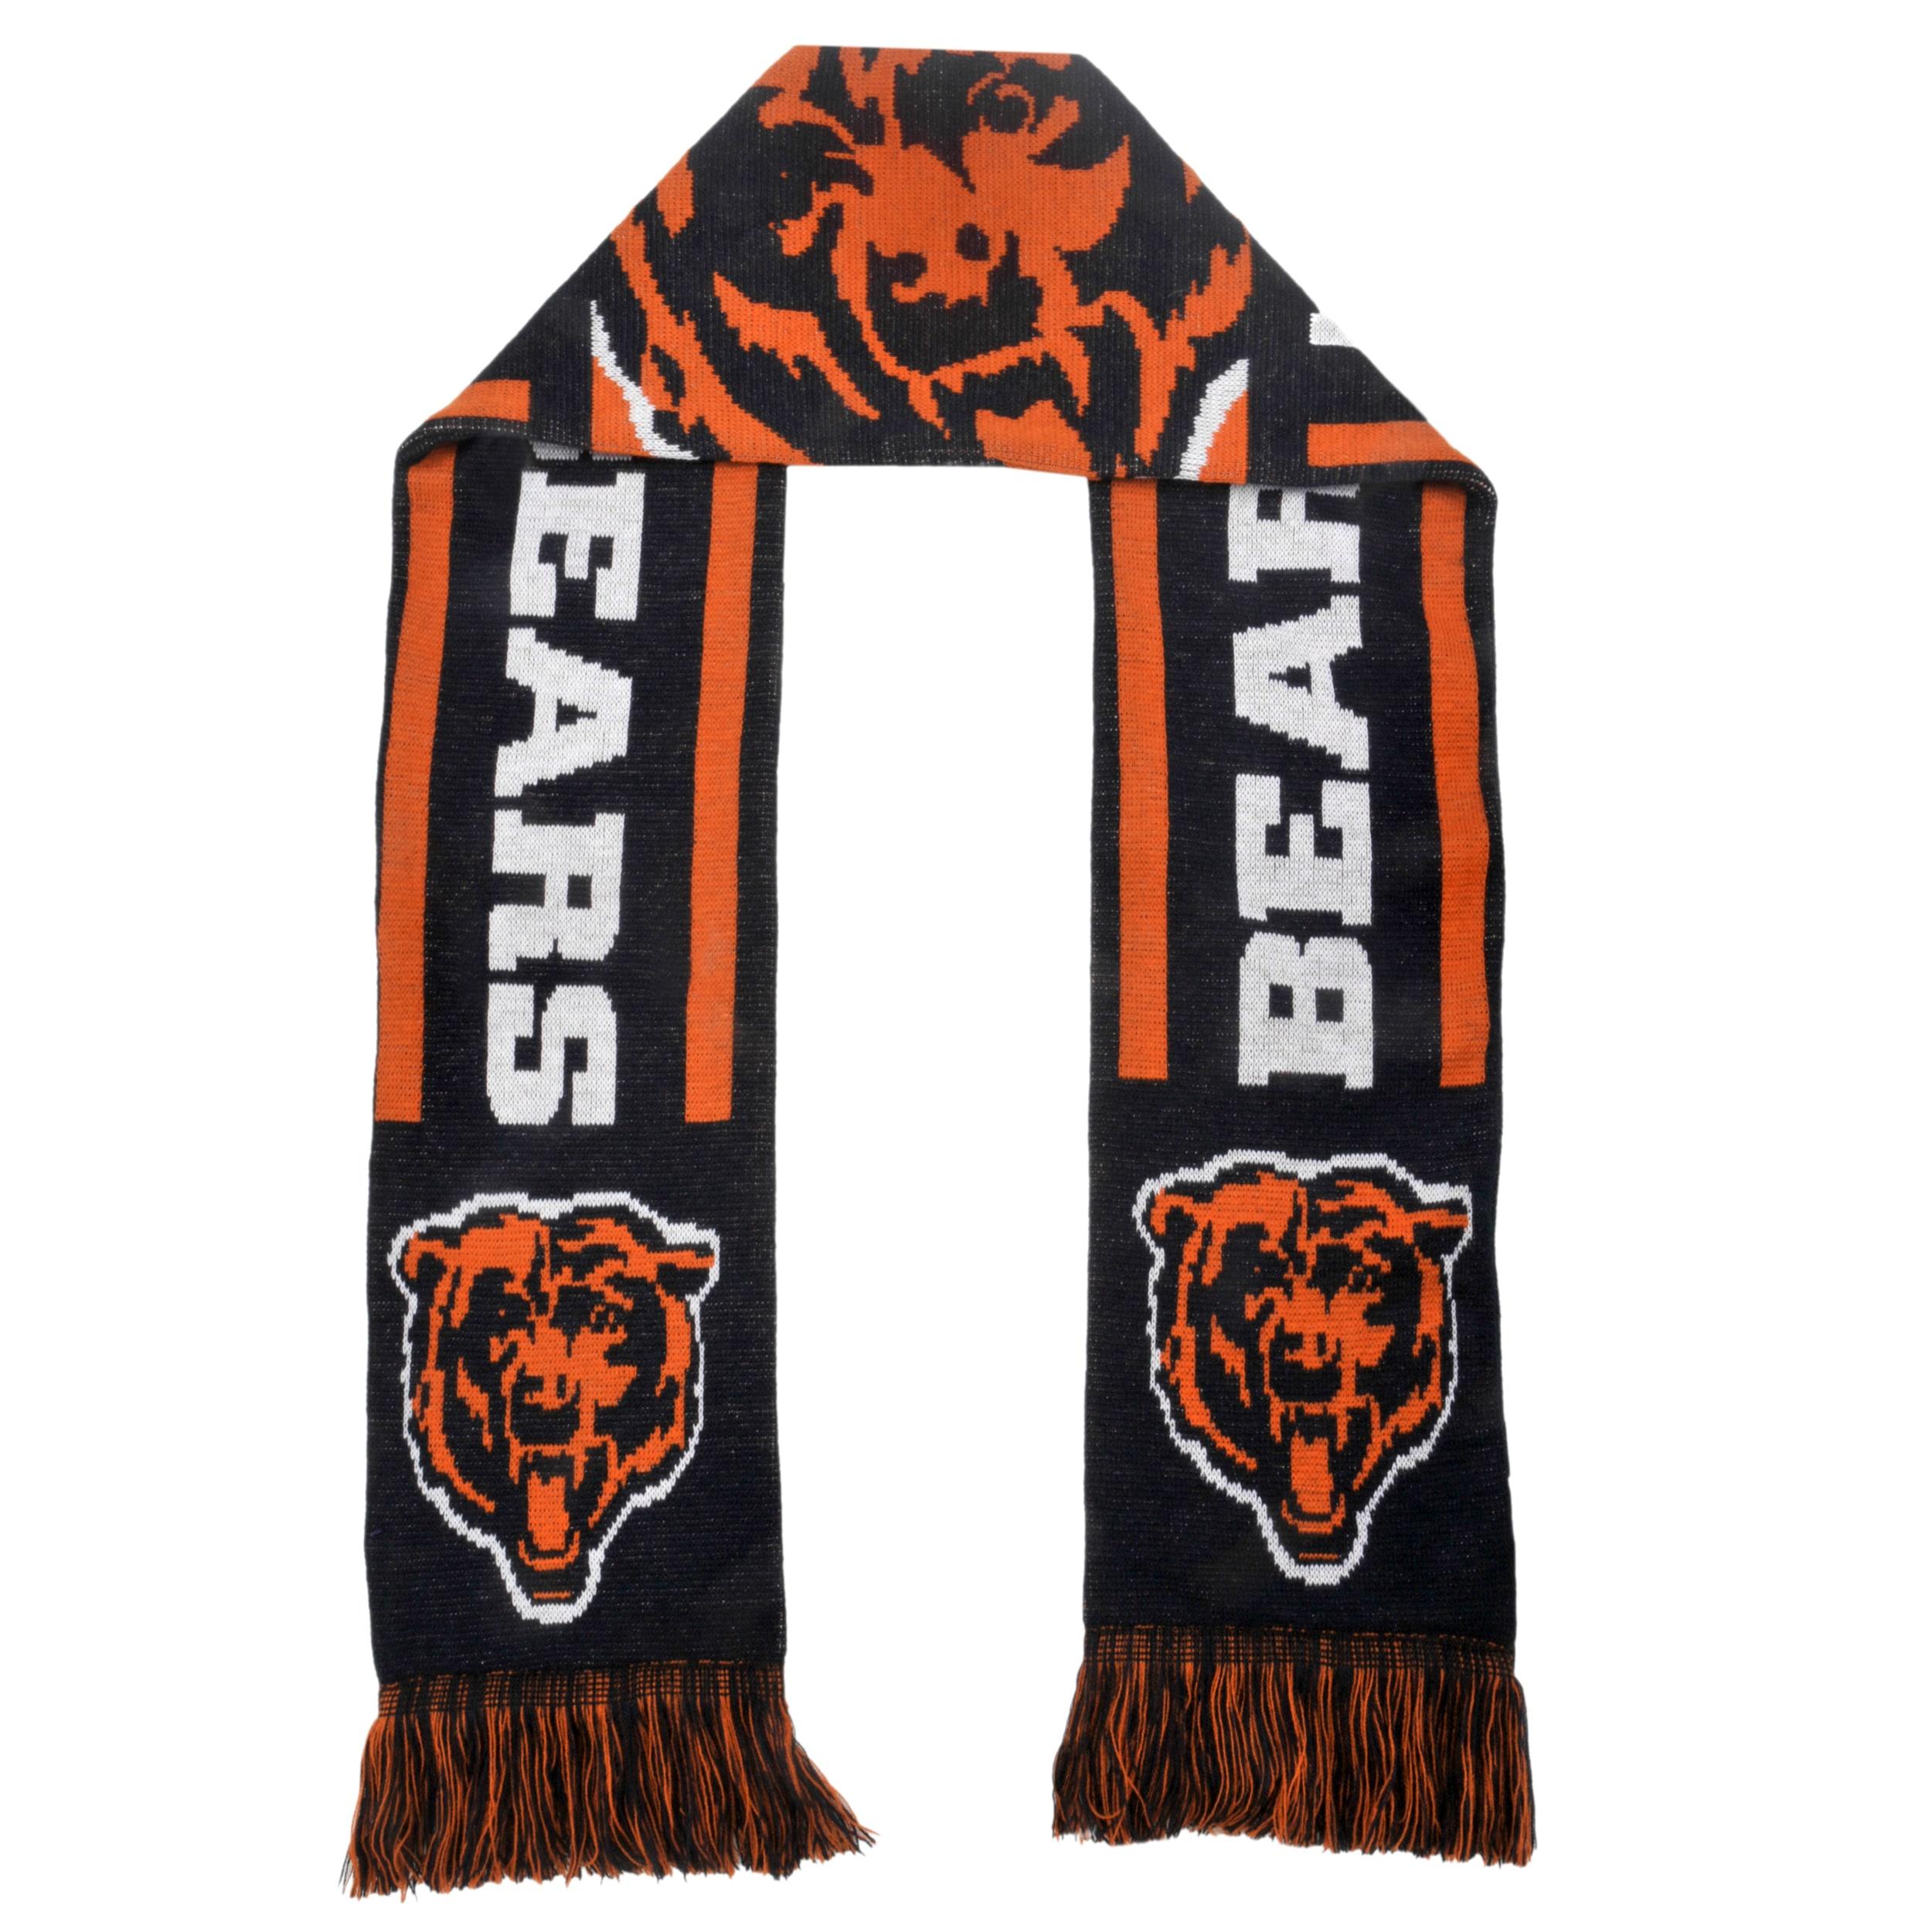 Chicago Bears Acrylic NFL Scarf